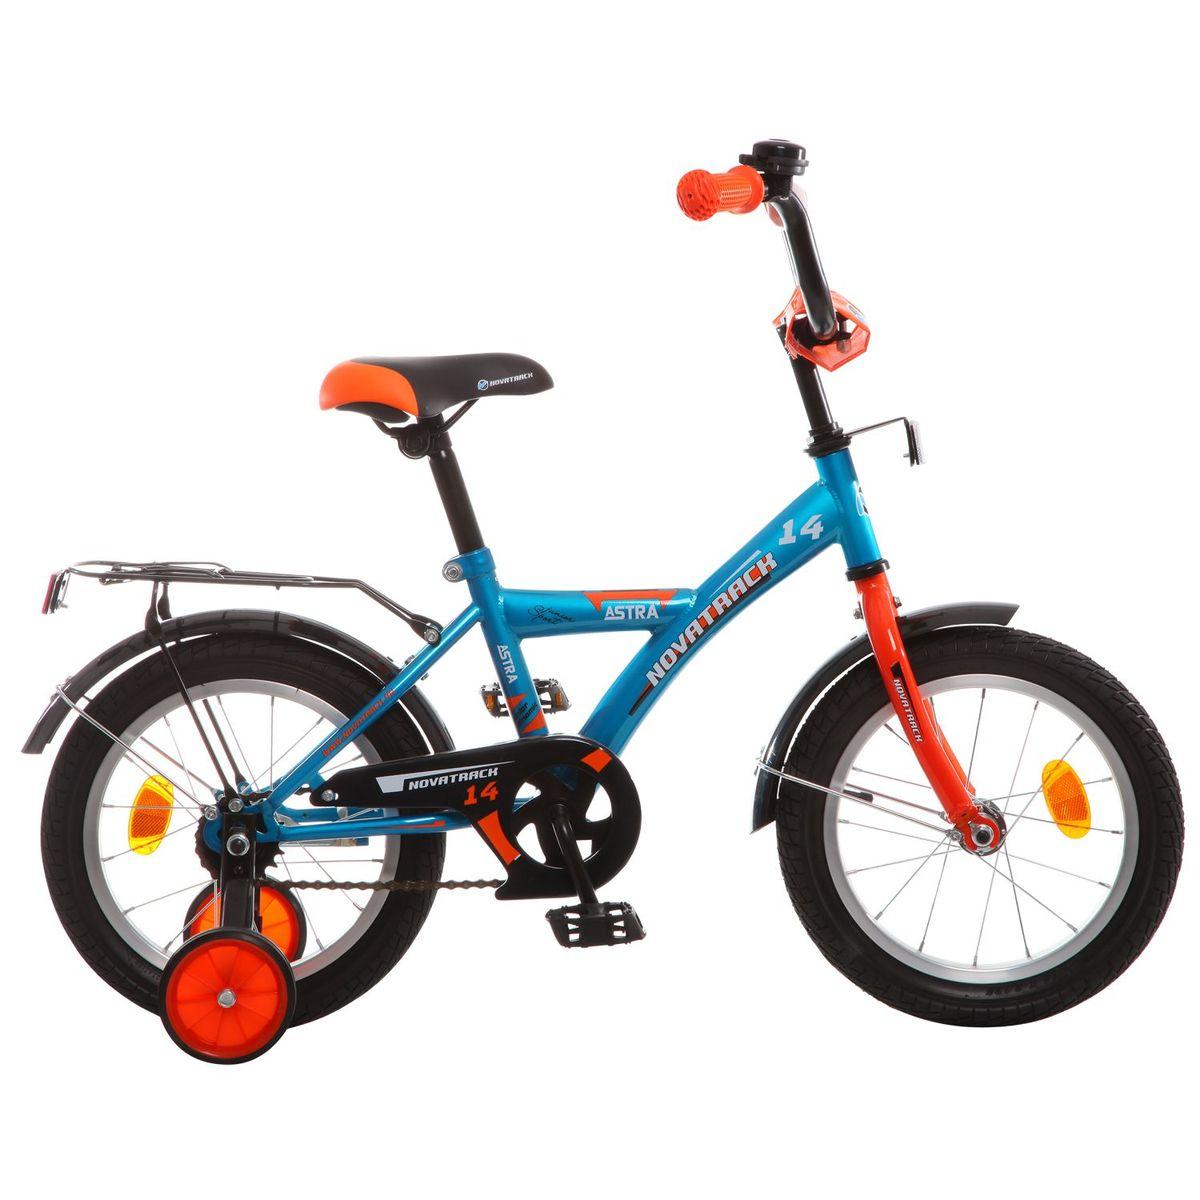 Велосипед детский Novatrack Astra 14, цвет: синий125BOISTER.BL5Хотите, чтобы ваш ребенок играя укреплял здоровье? Тогда ему нужен удобный и надежный велосипед Novatrack Astra 14'', рассчитанный на малышей 3-5 лет. Одного взгляда малыша хватит, чтобы раз и навсегда влюбиться в свой новенький двухколесный транспорт, который в принципе, сначала можно назвать и четырехколесным. Дополнительную устойчивость железному «коню» обеспечивают два маленьких съемных колеса в цвет велосипеда. Astra собрана на базе рамы с универсальной геометрией, которая позволяет легко взобраться или слезть с велосипеда, при этом он имеет такой вес, что маленький ребенок сам легко справляется со своим транспортным средством. Так как велосипед предназначен для самых маленьких, предусмотрен ограничитель поворота руля, который не позволит сильно завернуть руль и упасть. Еще один элемент безопасности – это защита цепи, которая оберегает одежду и ноги малыша от попадания в механизм. Стильные крылья защитят от грязи и брызг, а на багажнике ребенок сможет перевозить массу полезных в дороге вещей. Данная модель маневренна и легко управляется, поэтому ребенку будет несложно и интересно учиться езде.